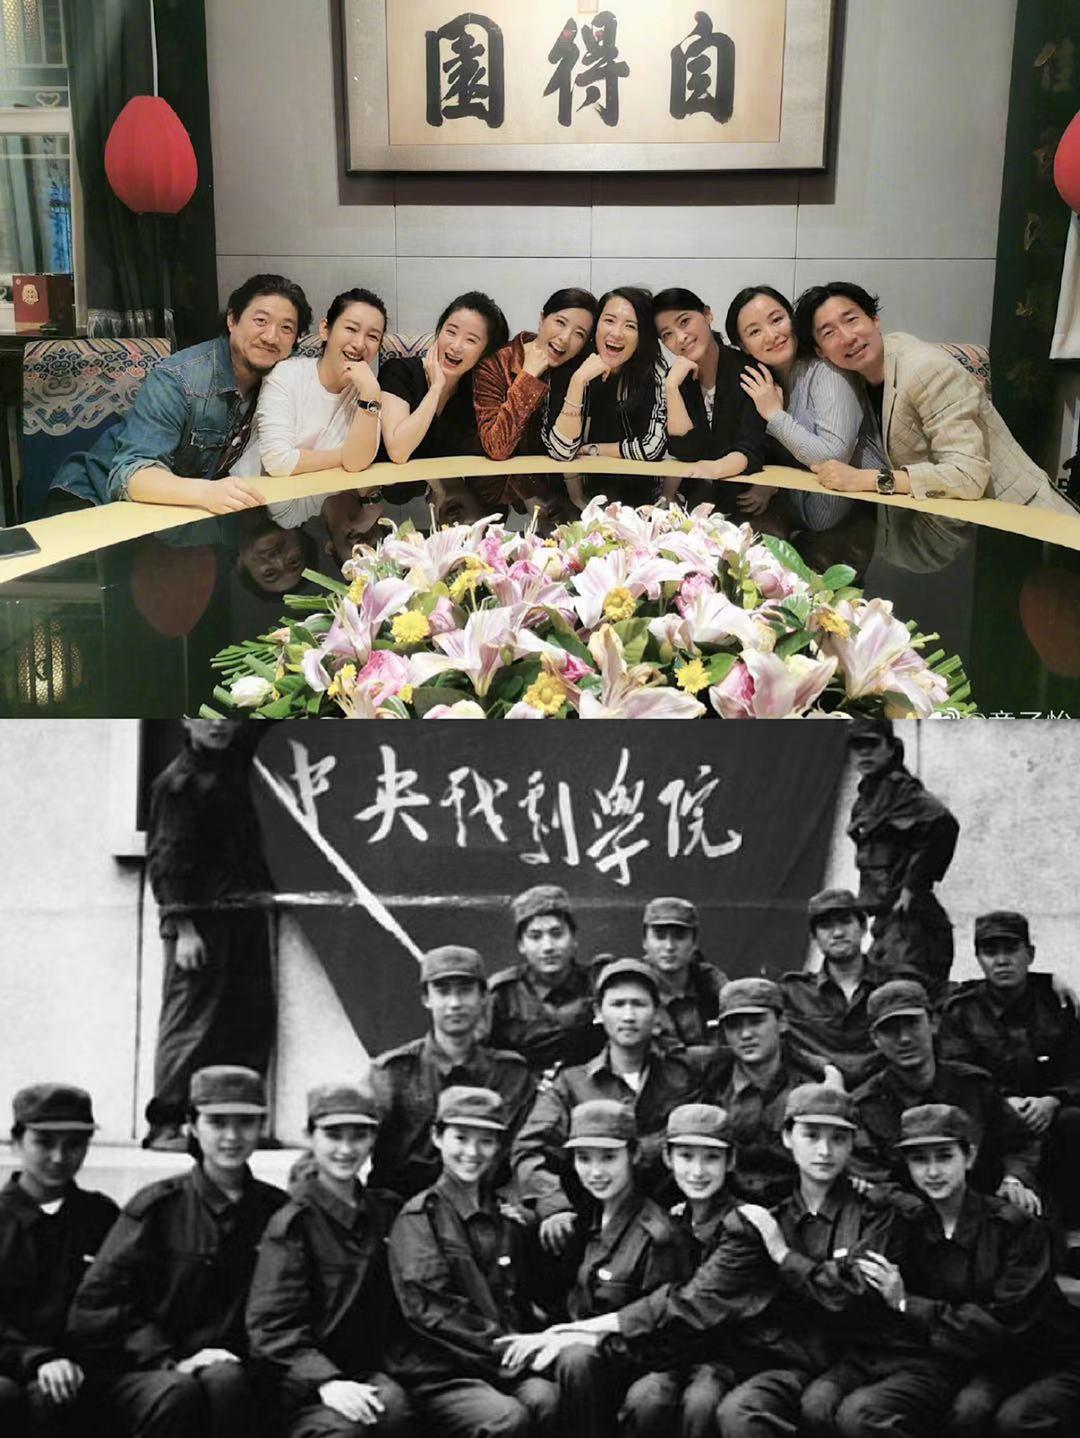 十大当红明星大学毕业照对比,杨紫、李现和李易峰基本上没变化